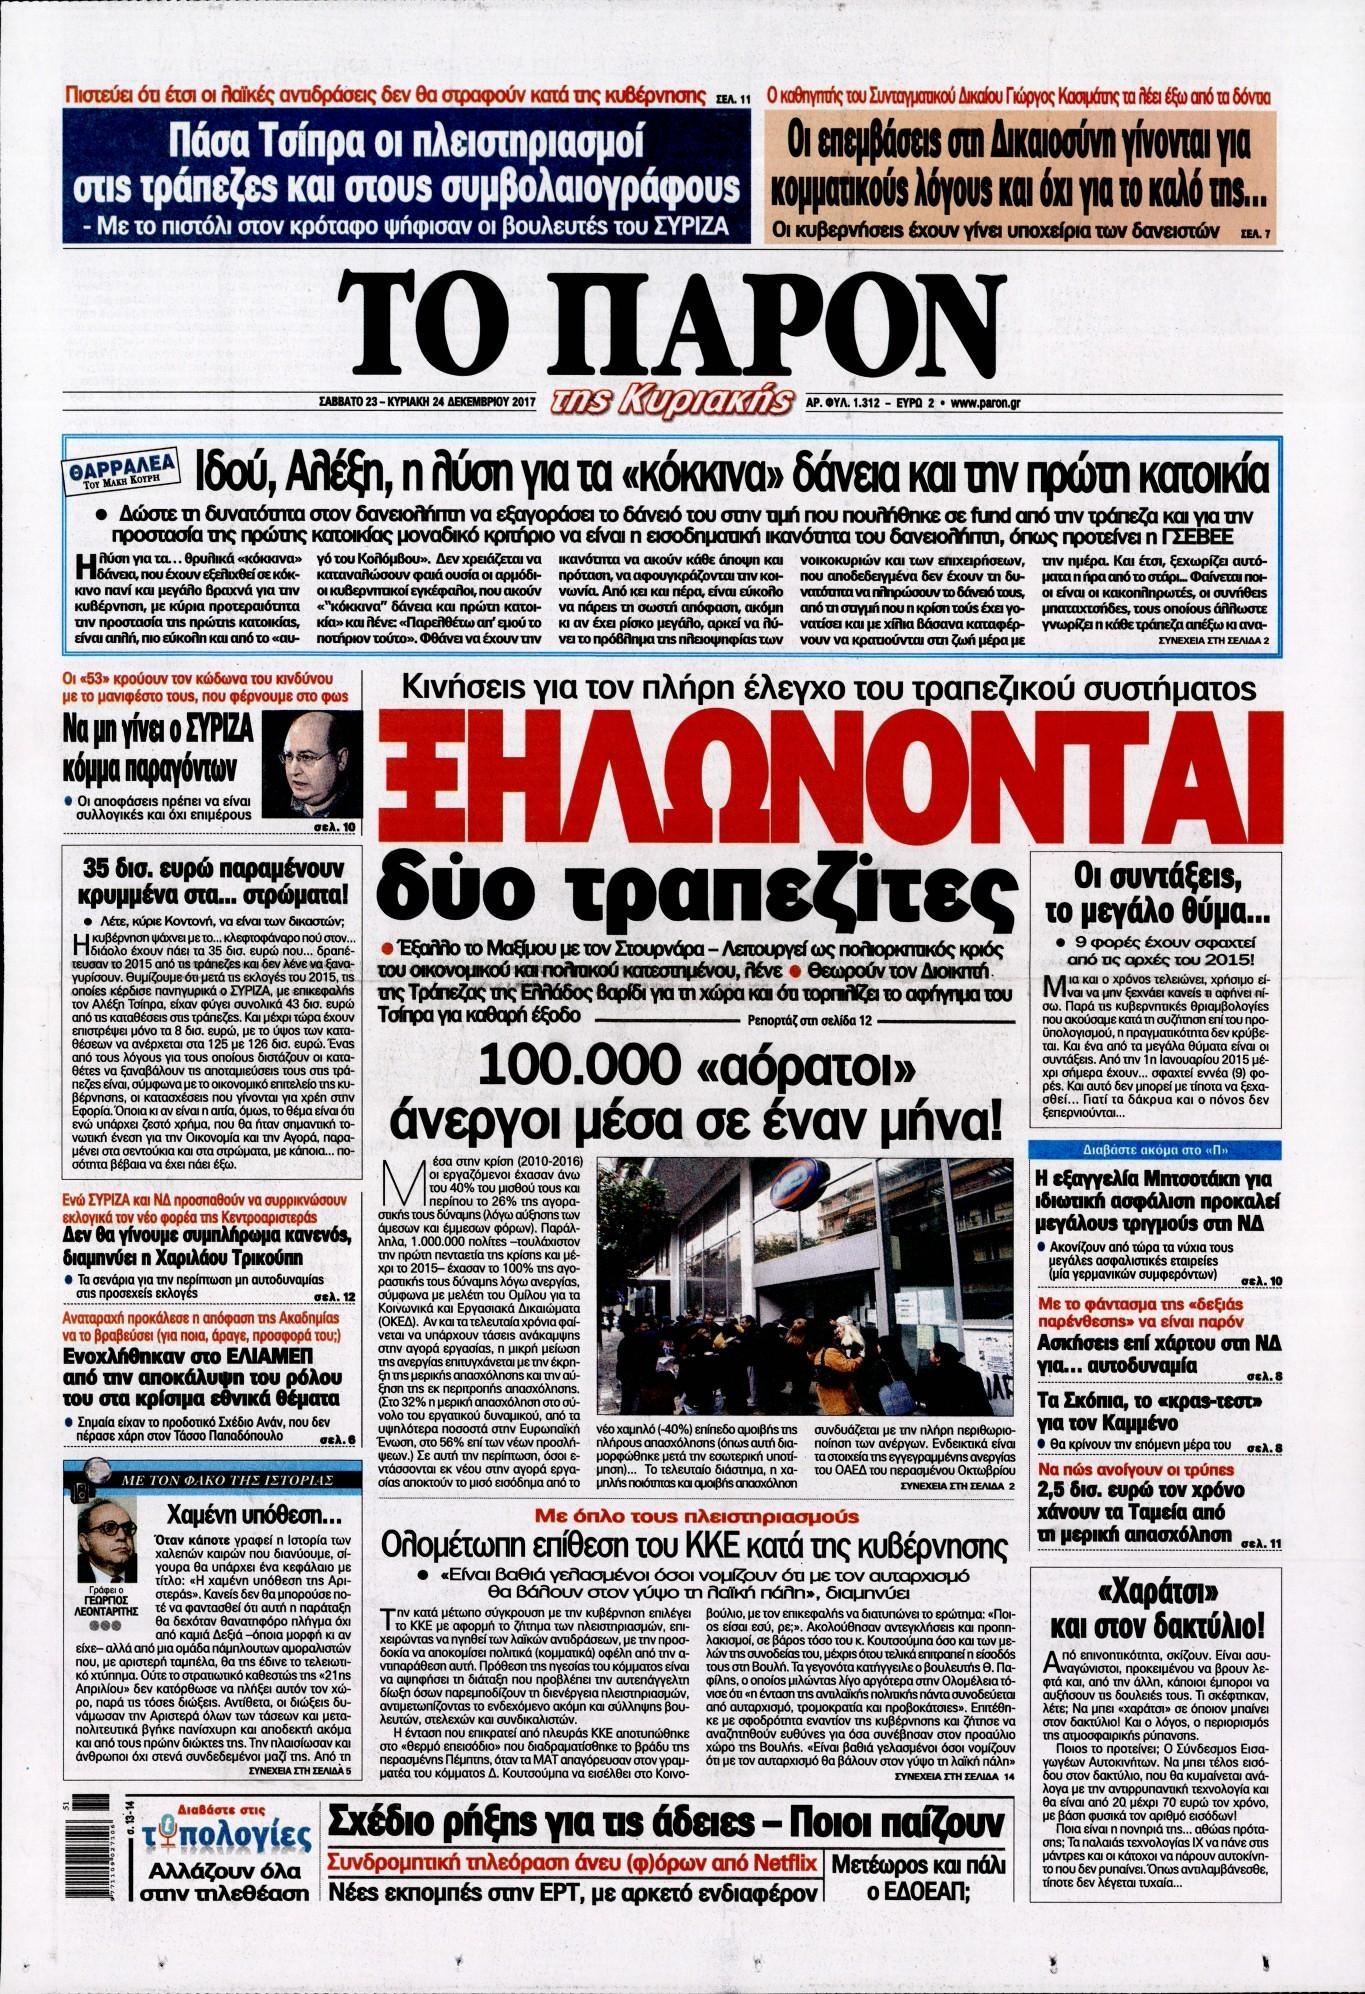 Πρωτοσέλιδο εφημερίδας Το Παρόν